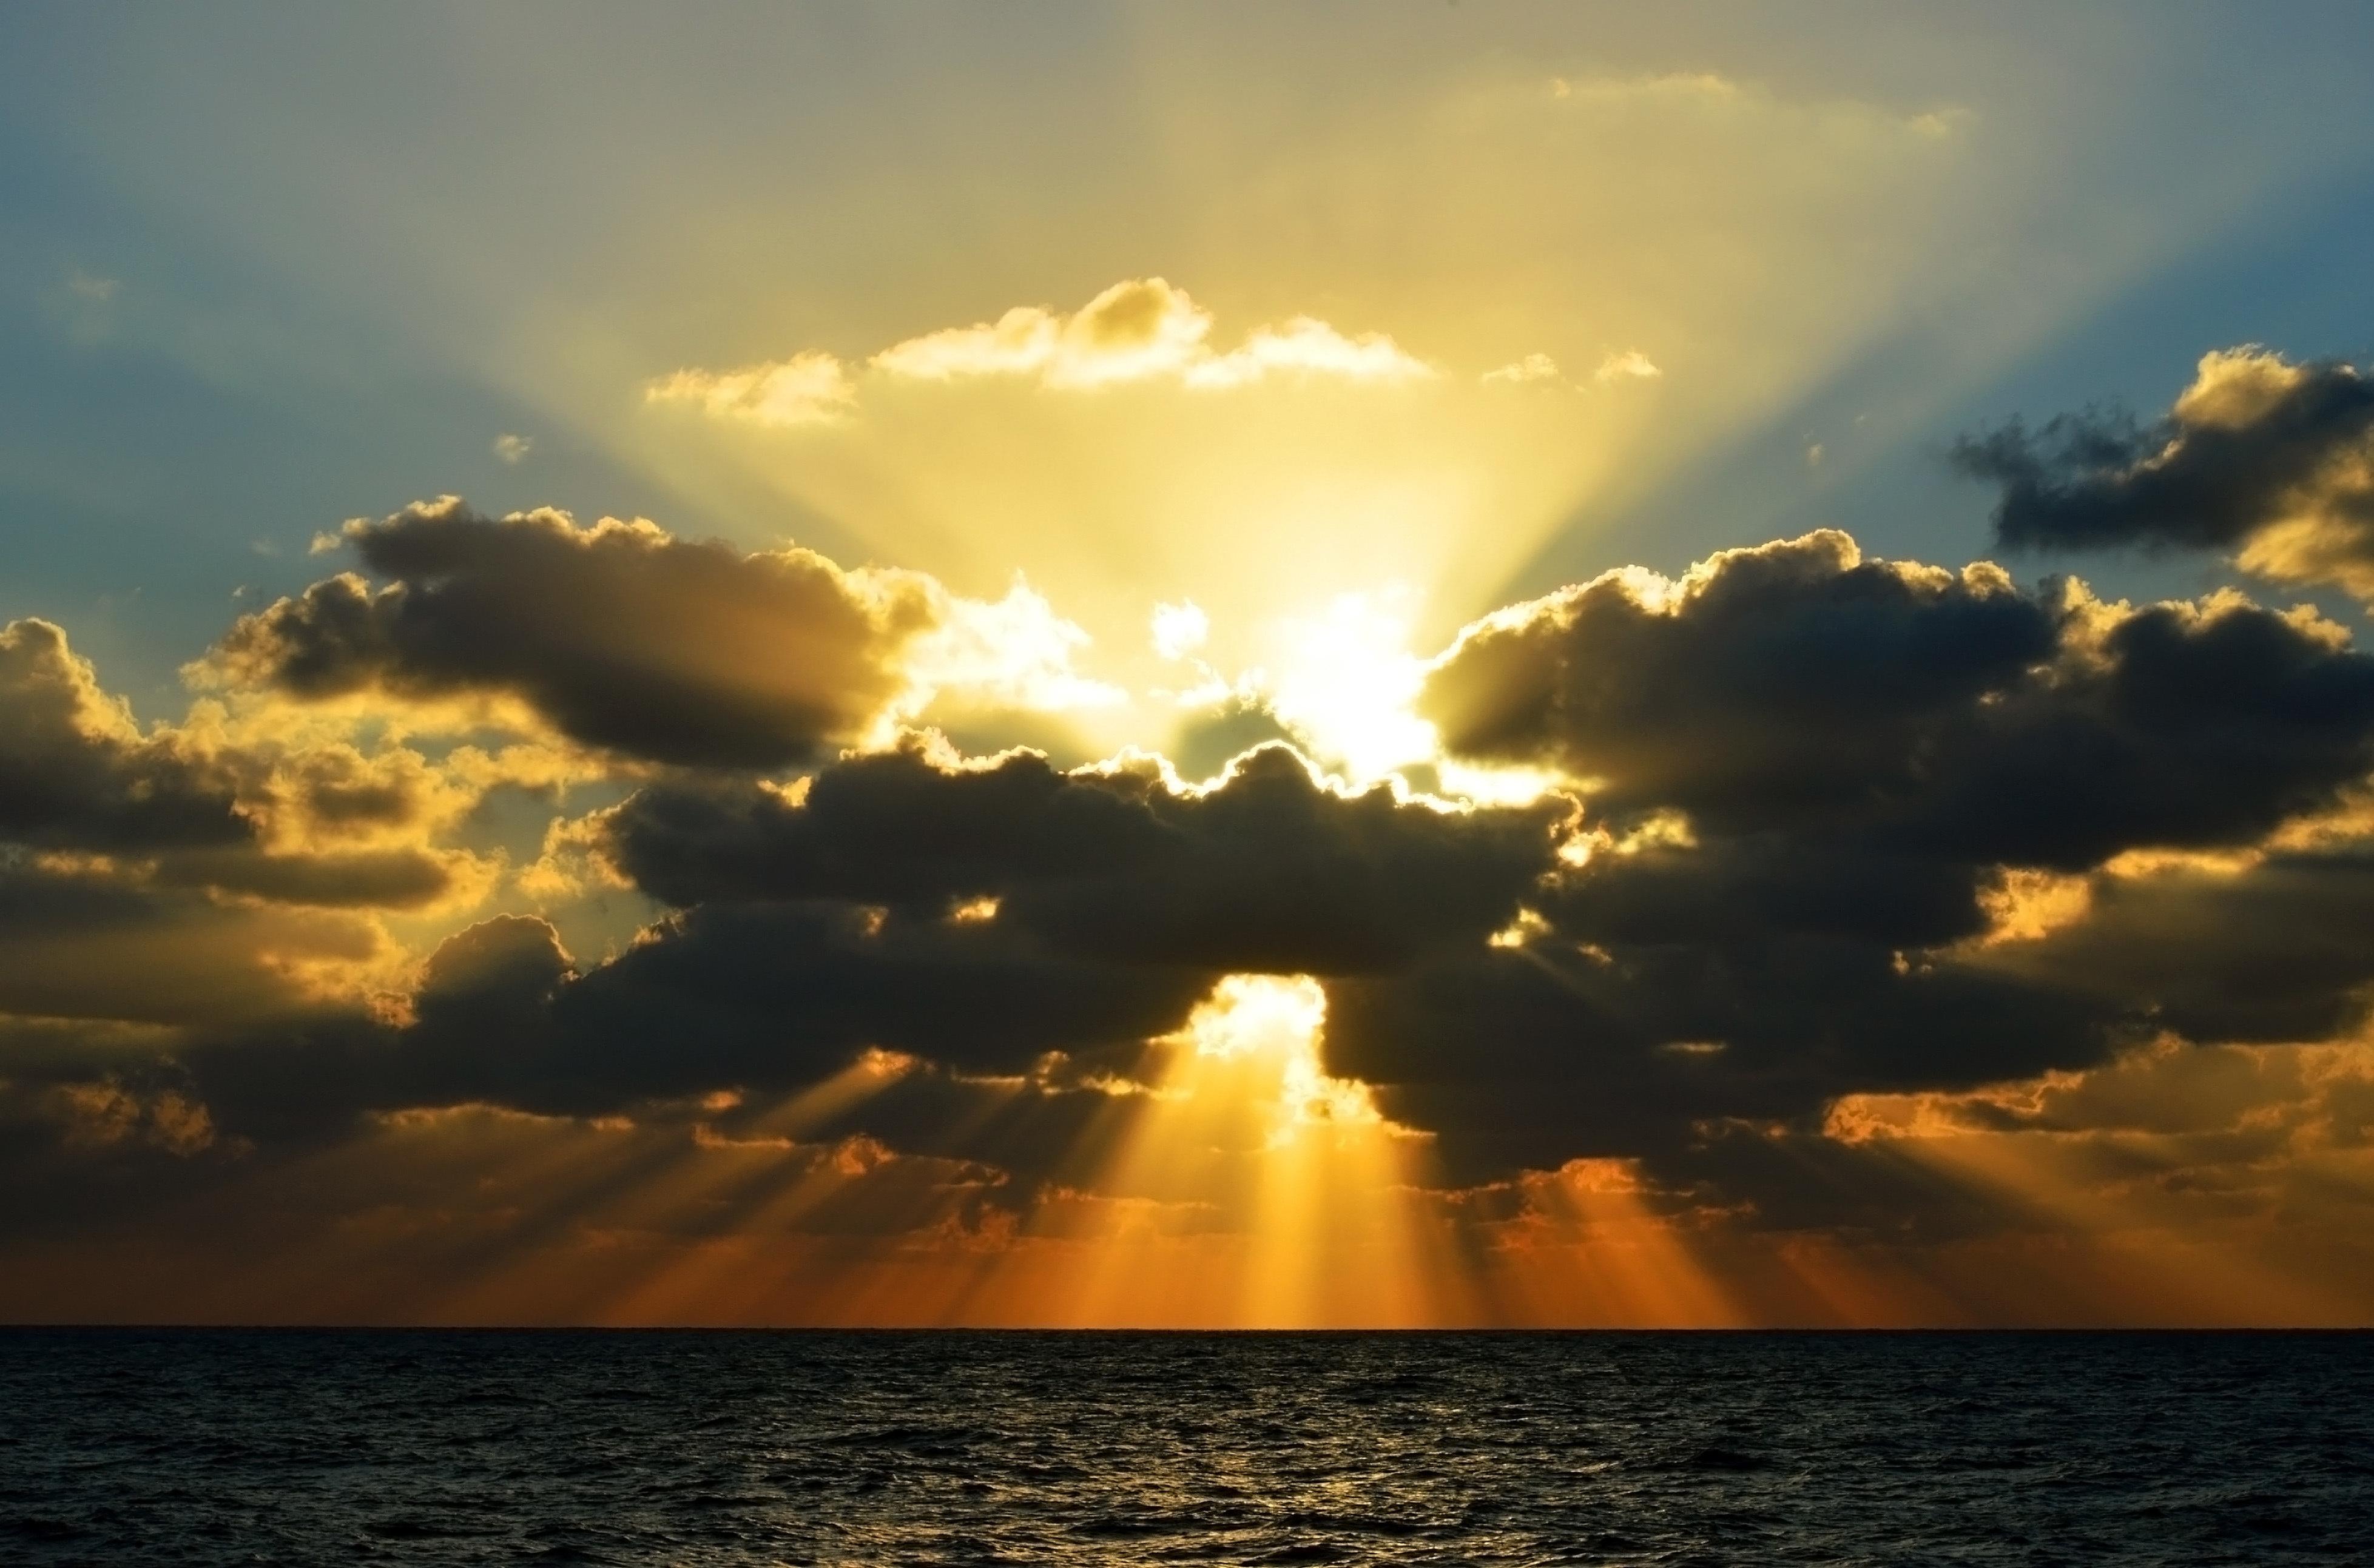 молодости лина фото лучи солнца сквозь облака быстро